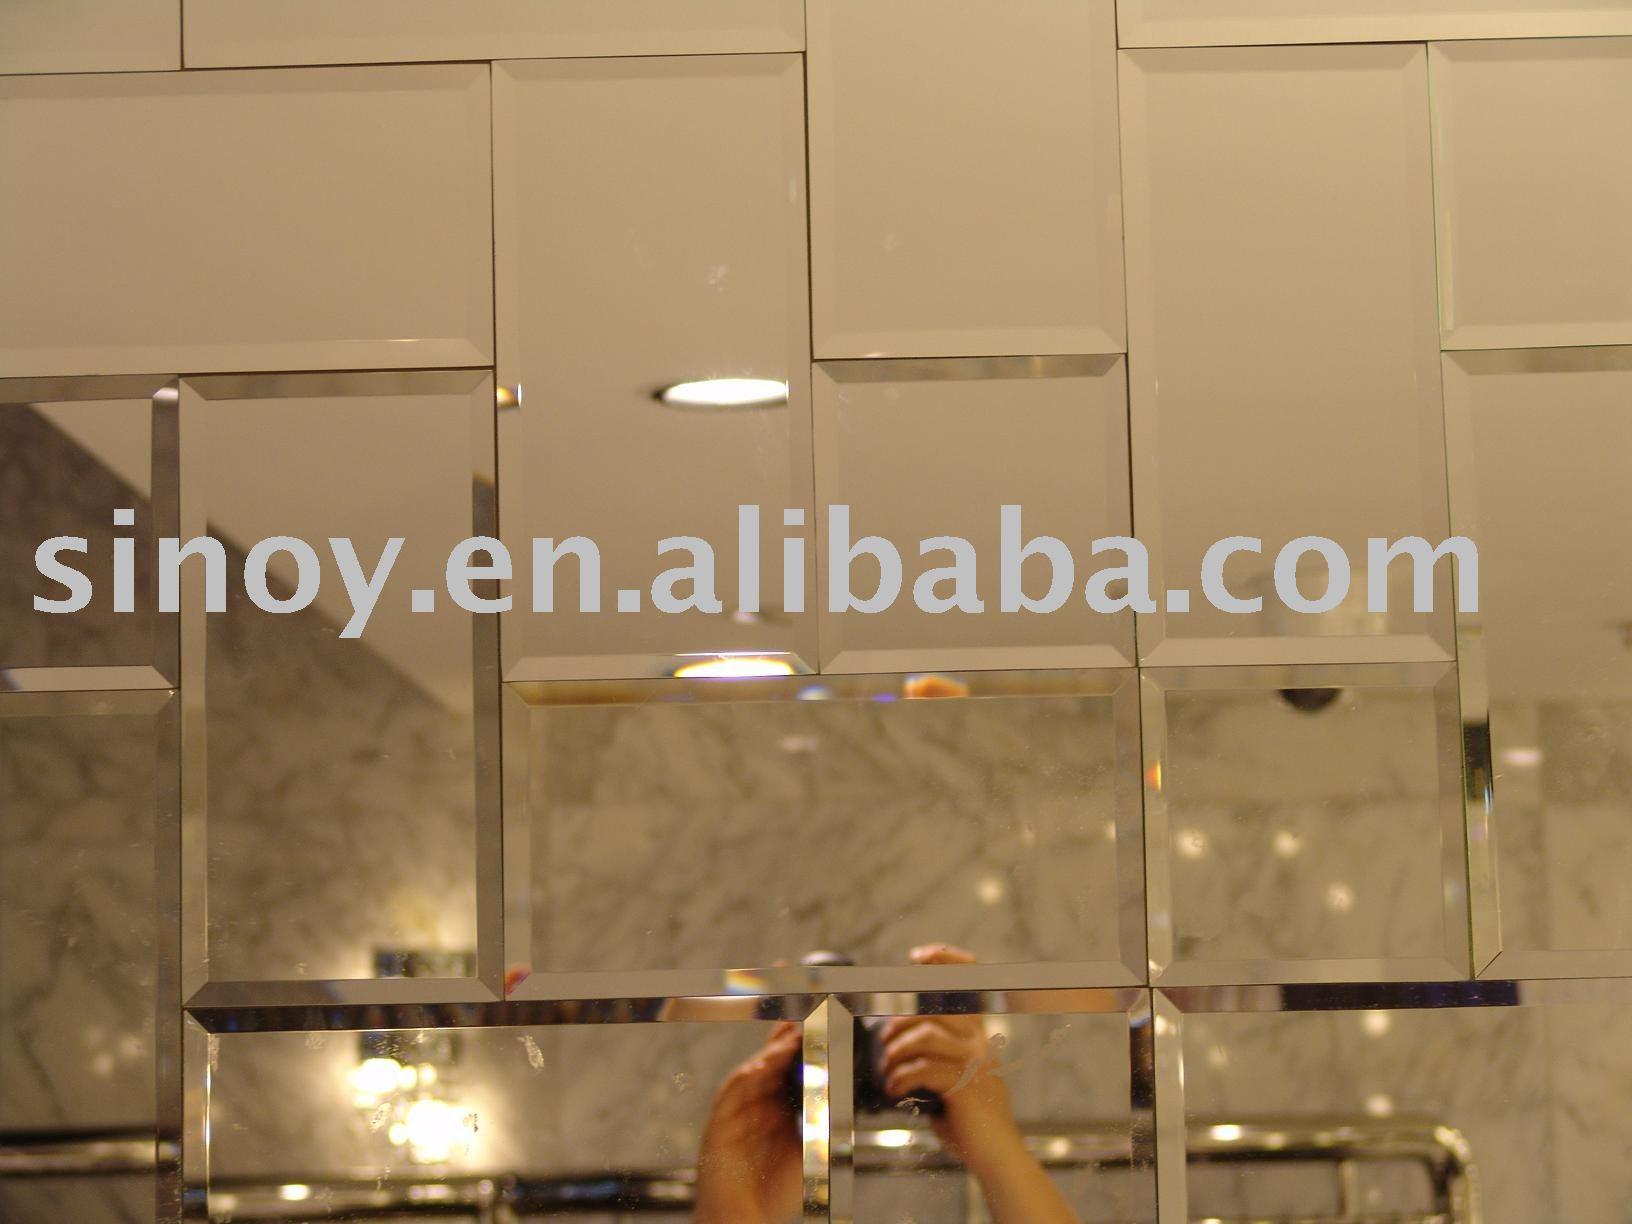 Beveled Bathroom Mirror #31: Beveled Bathroom Mirror Tiles 125 125mm Buy Beveled Mirror Tiles